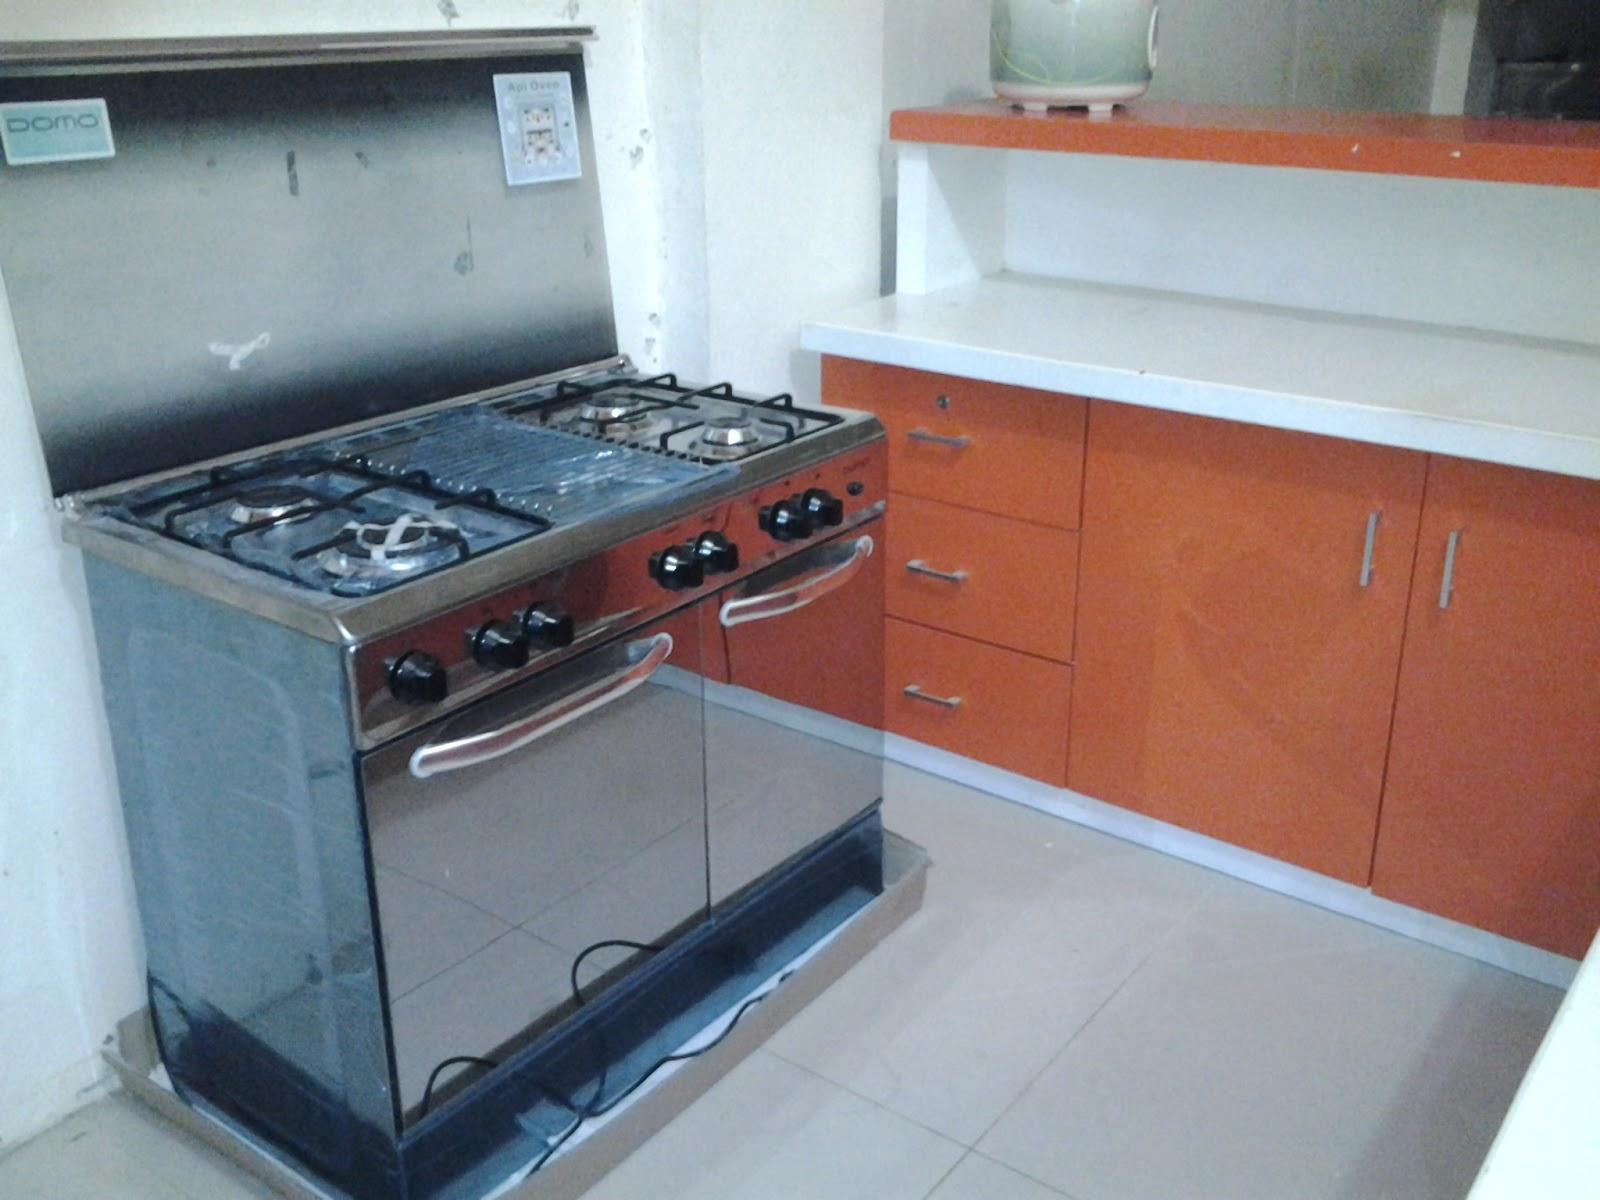 Desain Dapur Dengan Kompor Gas Tanam Interior Rumah